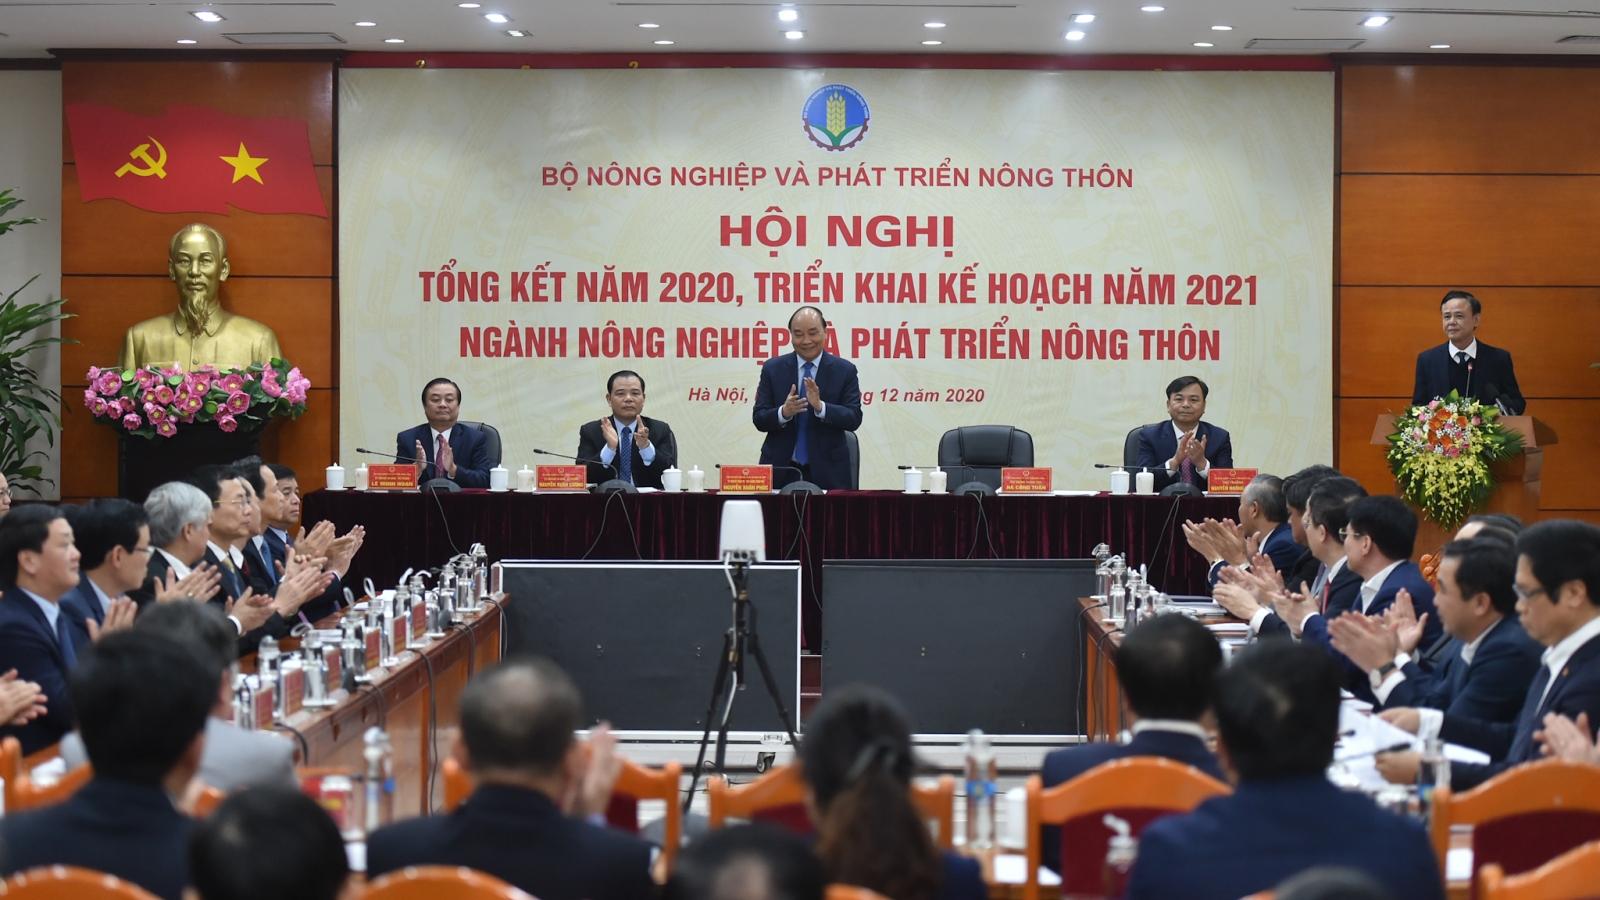 Thủ tướng: Không được để giá thịt lợn tăng cao dịp Tết Nguyên Đán 2021